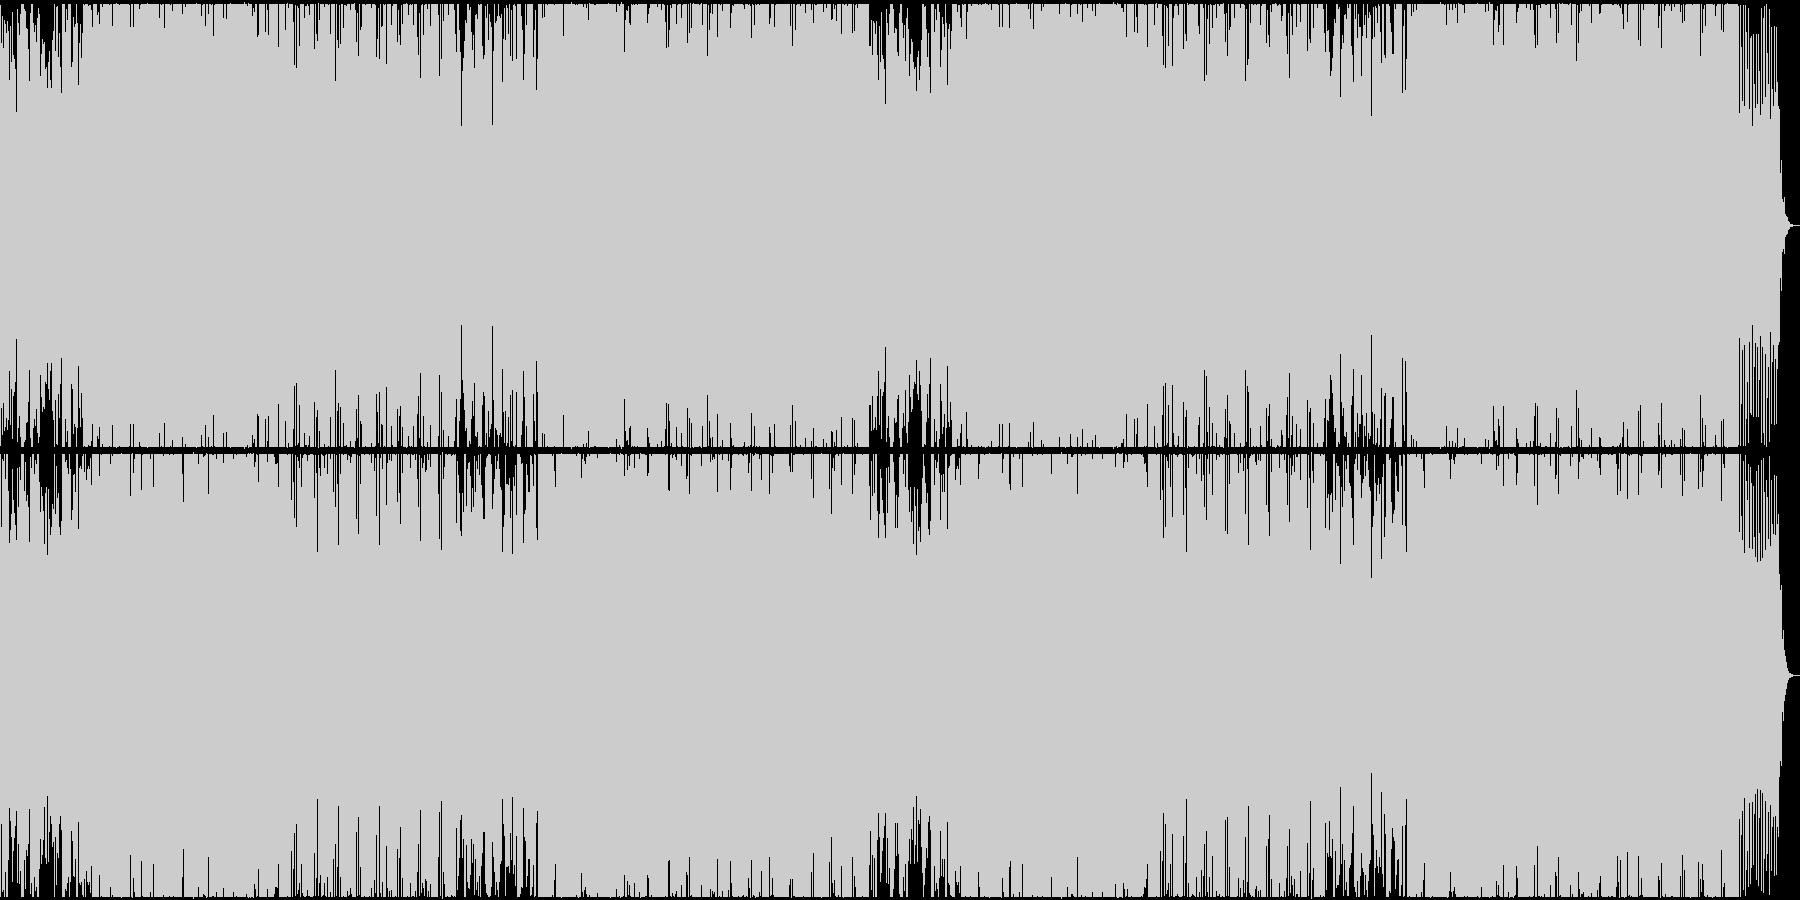 企業VP8 16bit44kHzVerの未再生の波形